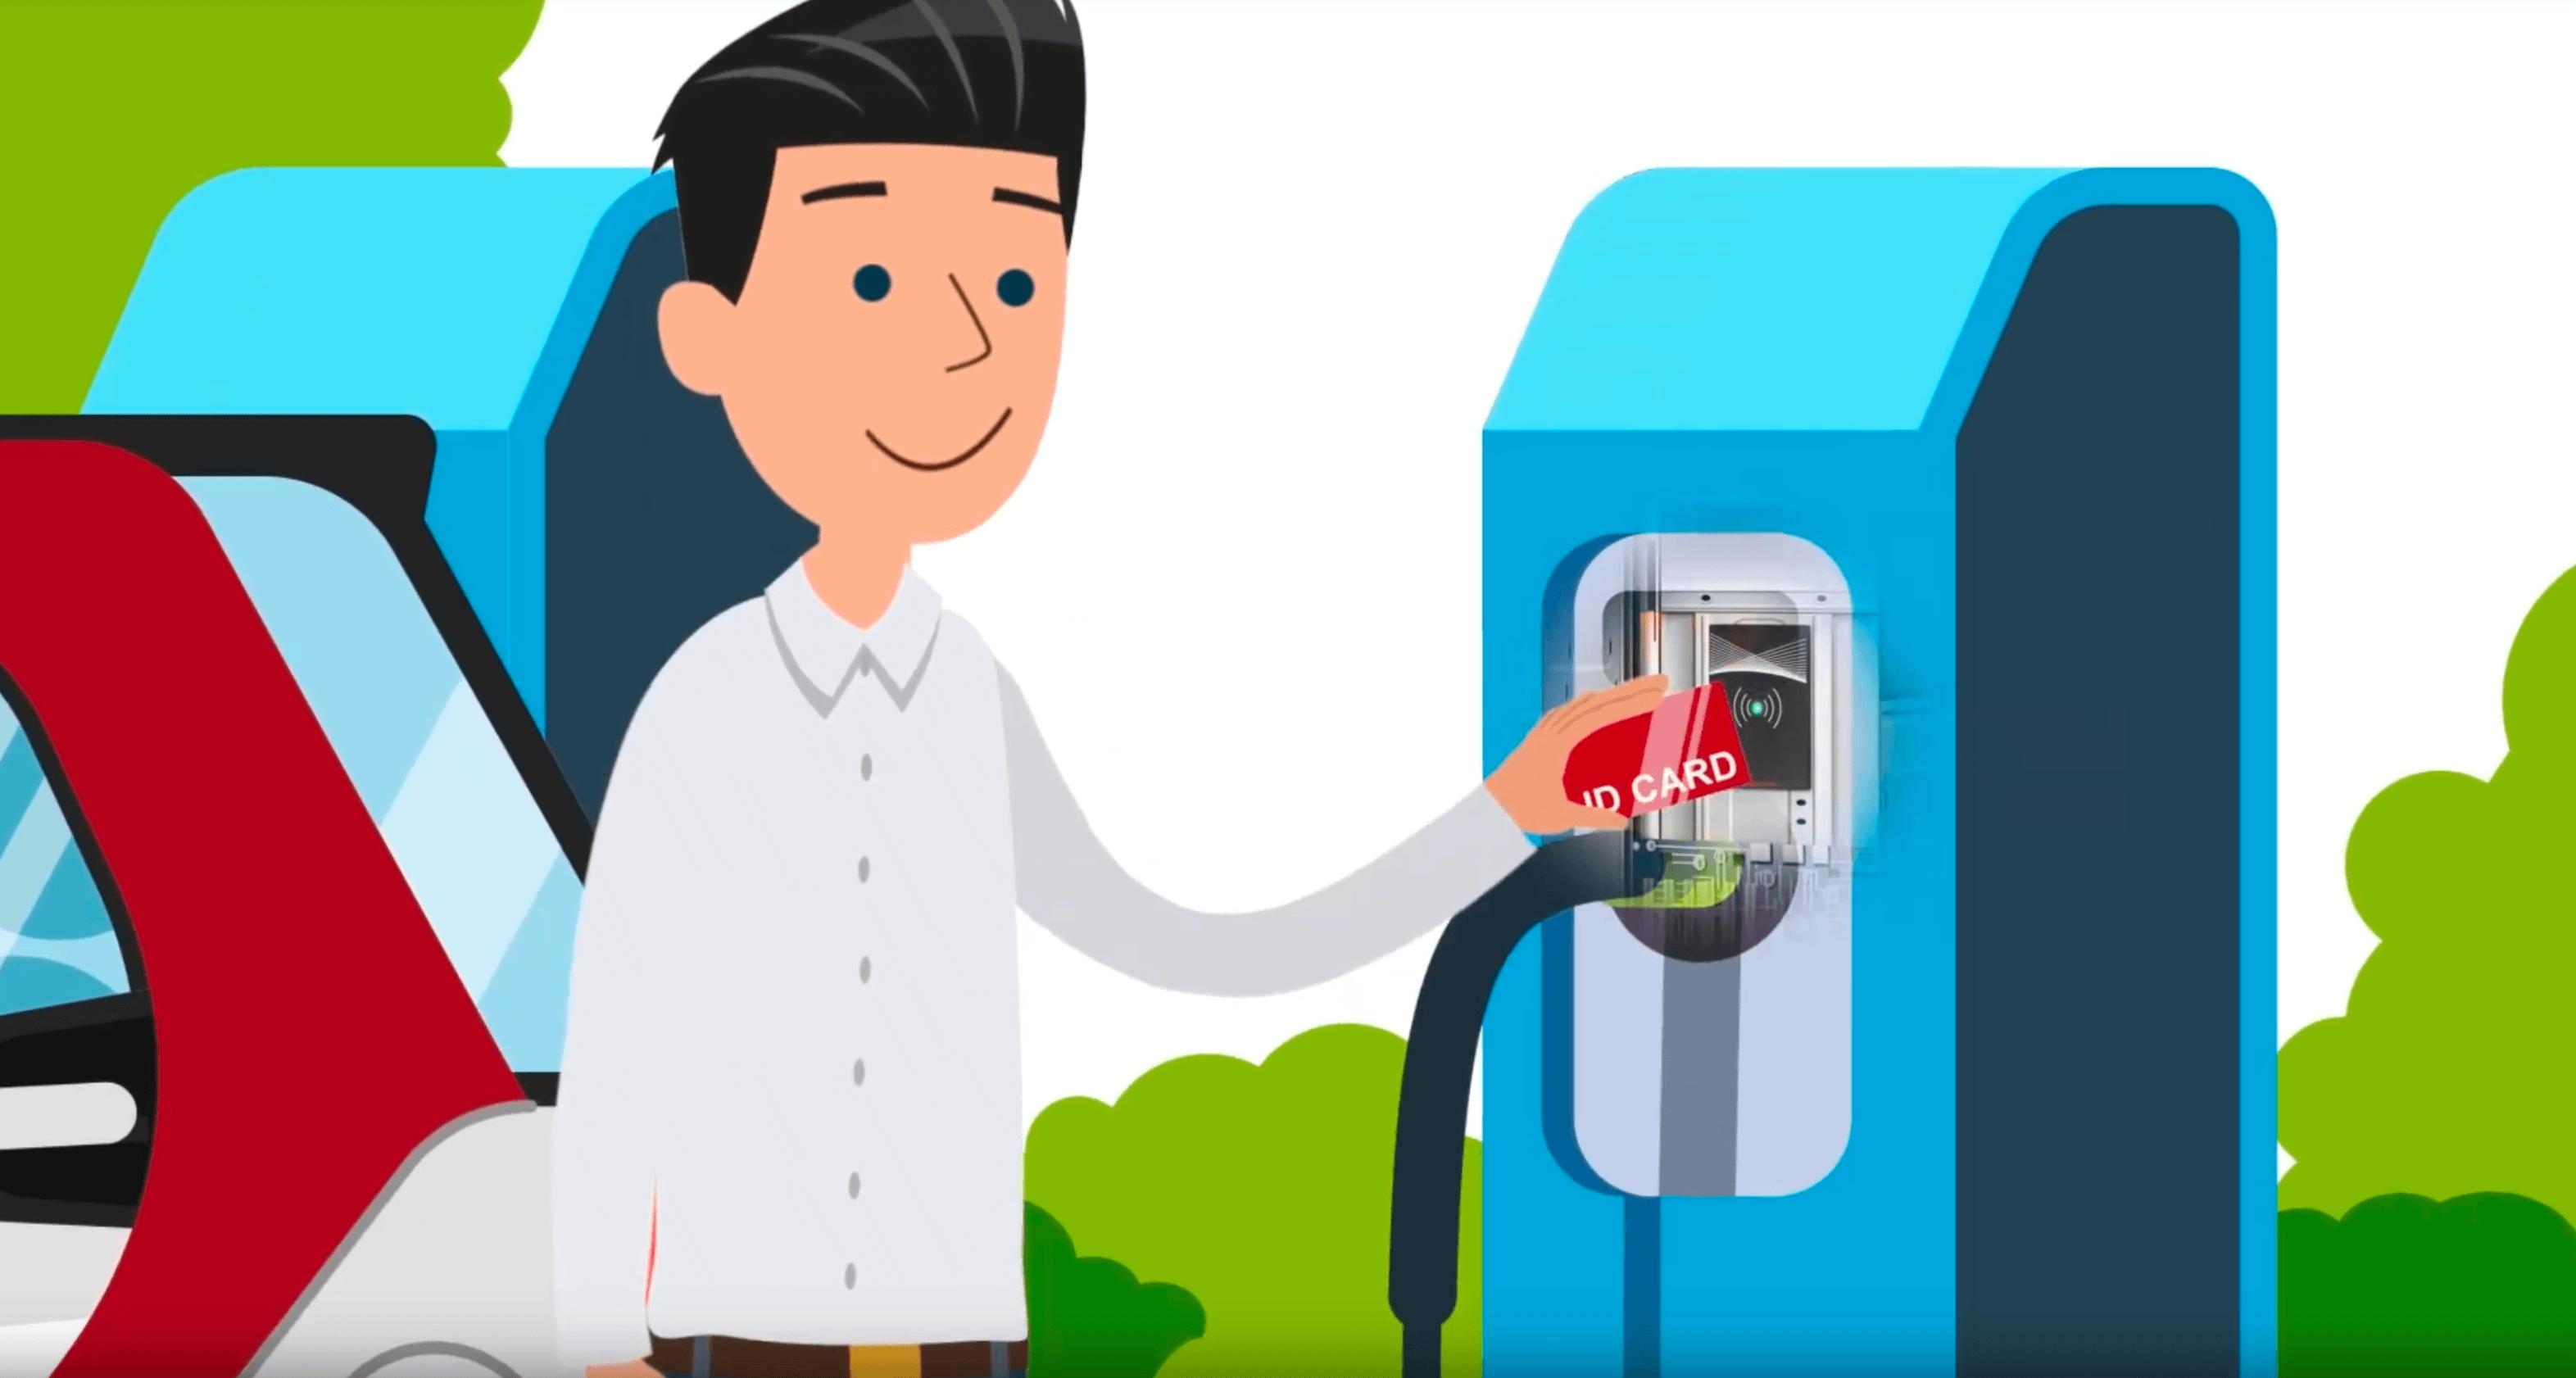 RFID-Technologie ist praktisch und überall im modernen Alltag zu finden. Für den Technologieführer ELATEC haben wir die Möglichkeiten der Access Control mit dem TWN4 SLIM als Erklärfilm im Comic-Style umgesetzt.